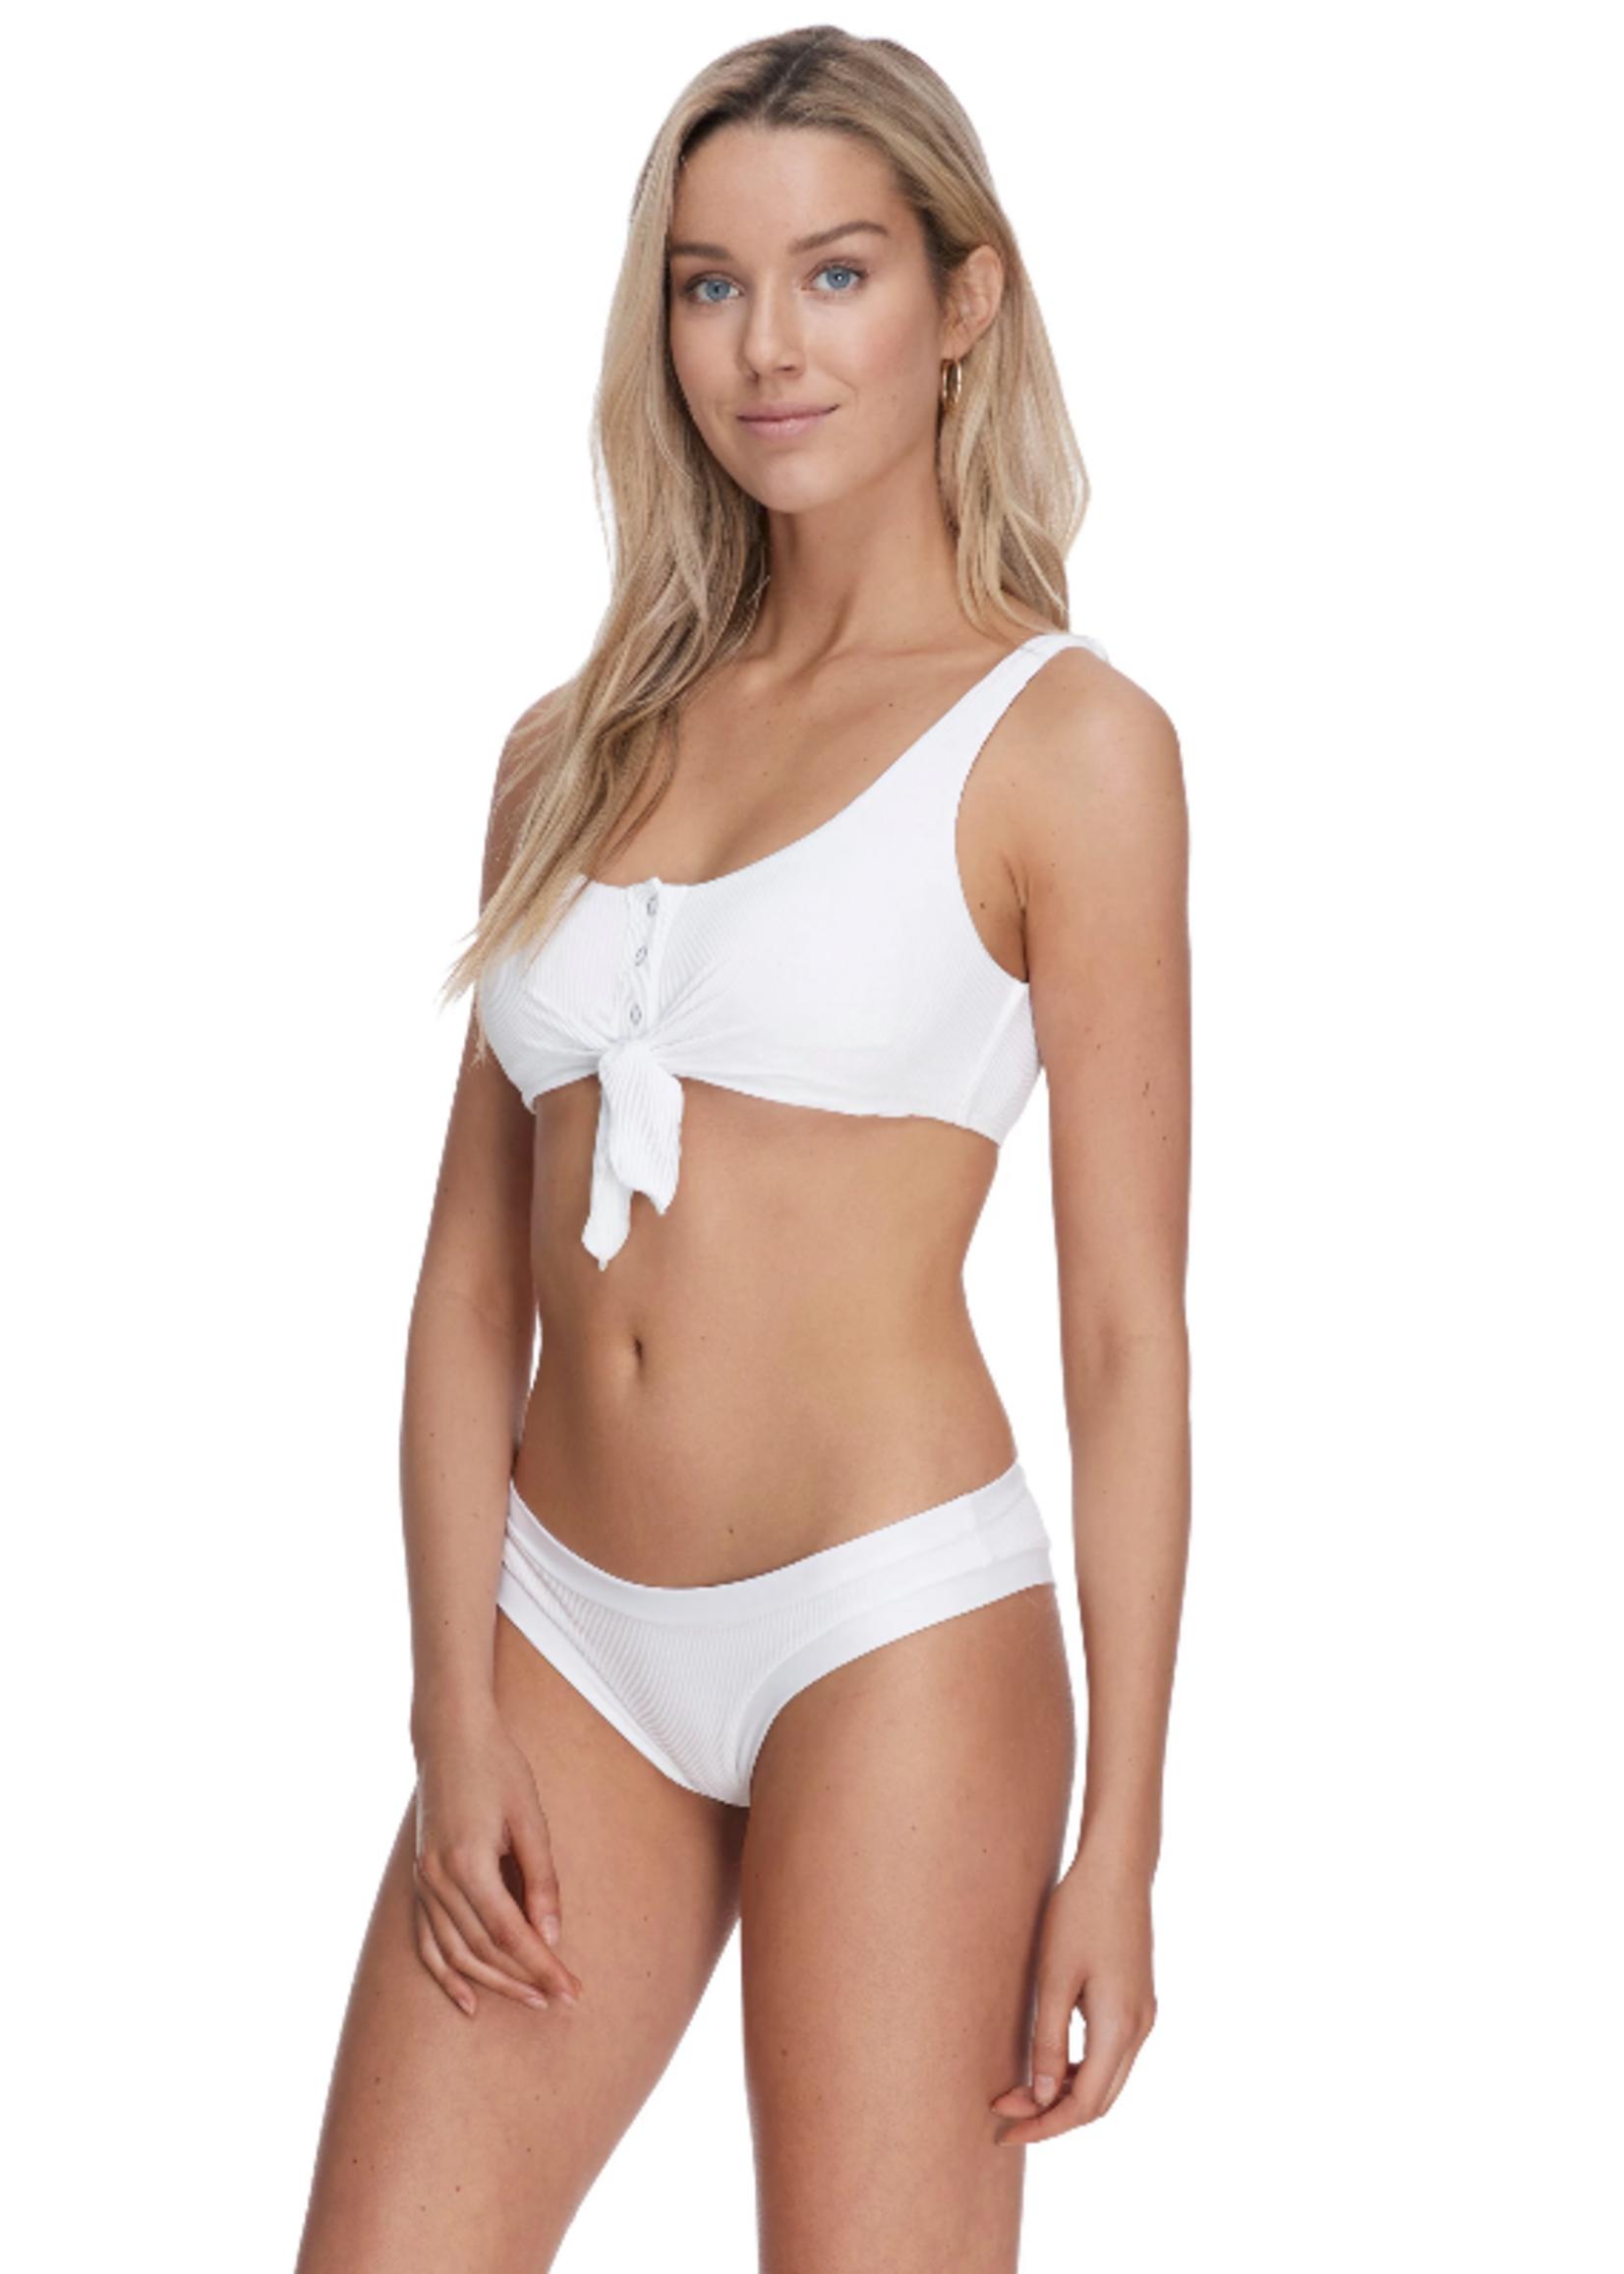 Body Glove Ibiza Kate - White